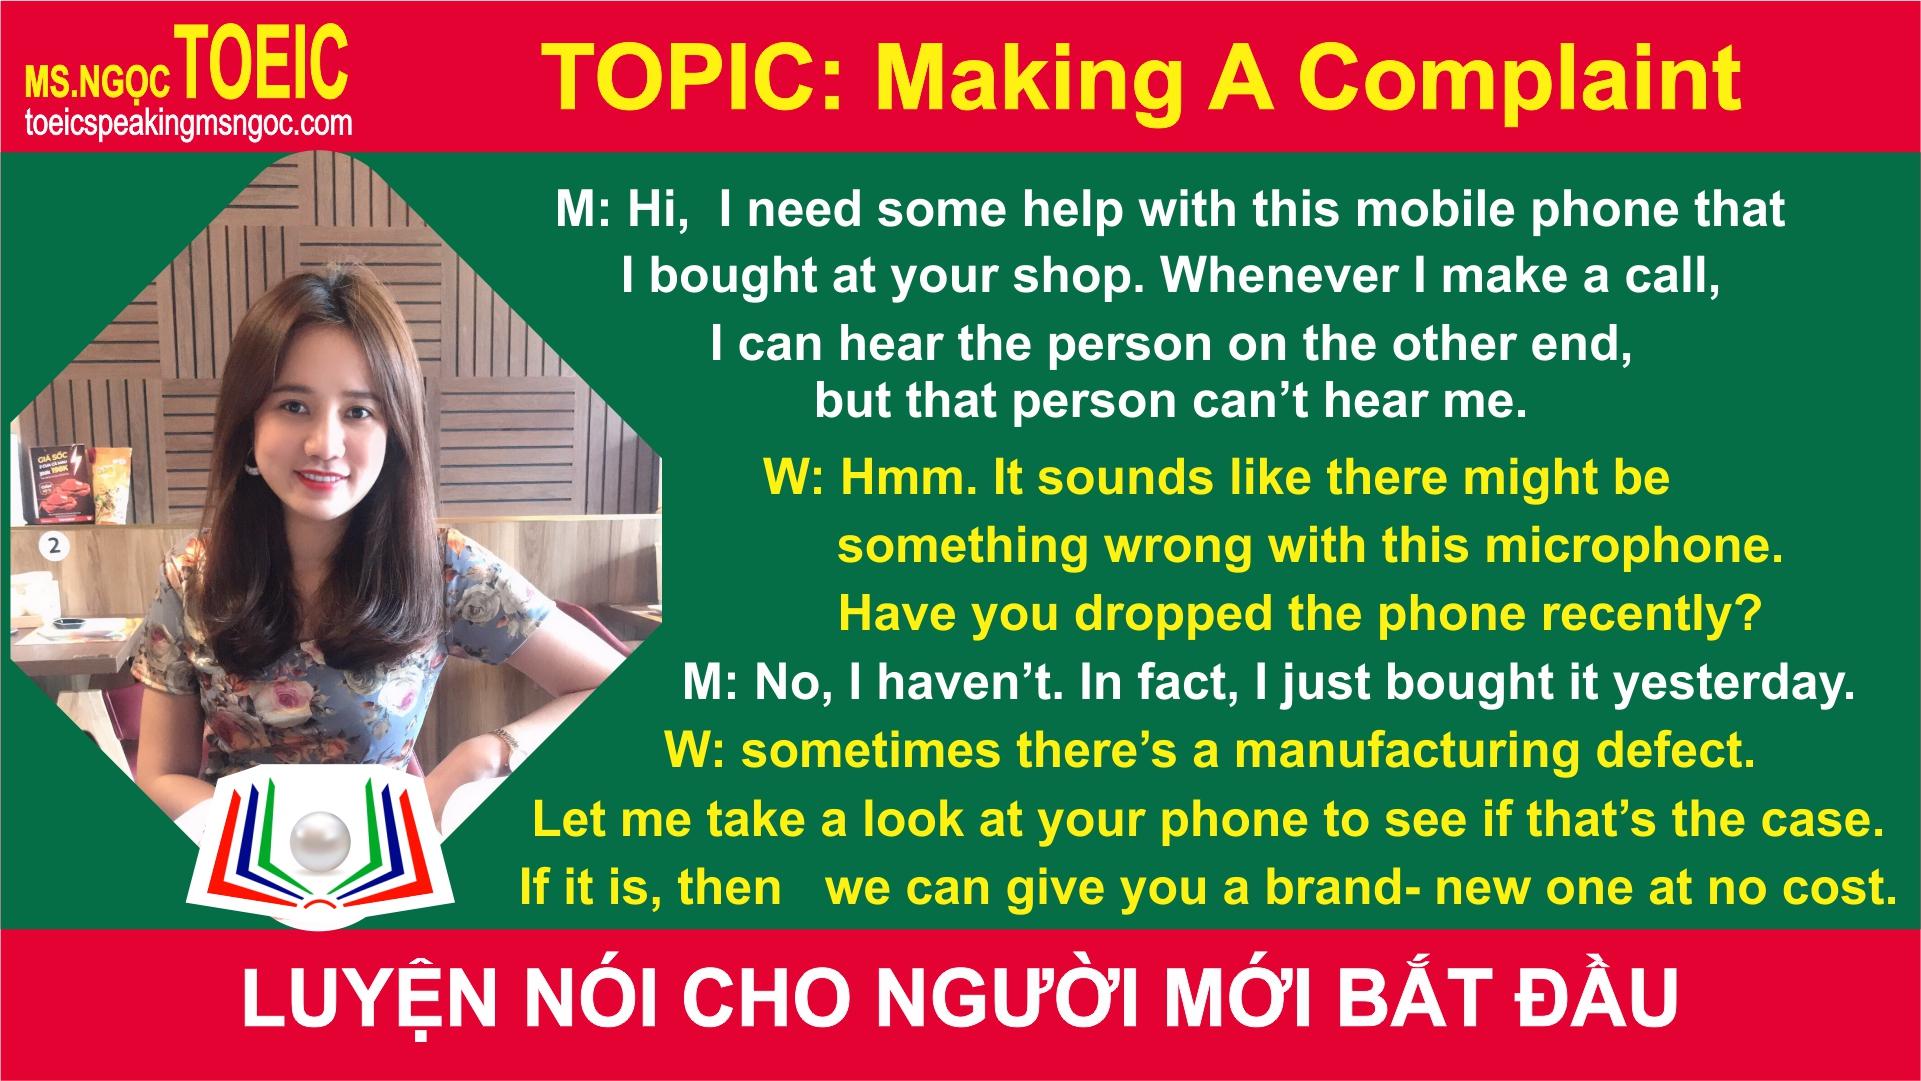 luyen-noi-cho-nguoi-mat-goc-chu-de-making-a-complaint-26